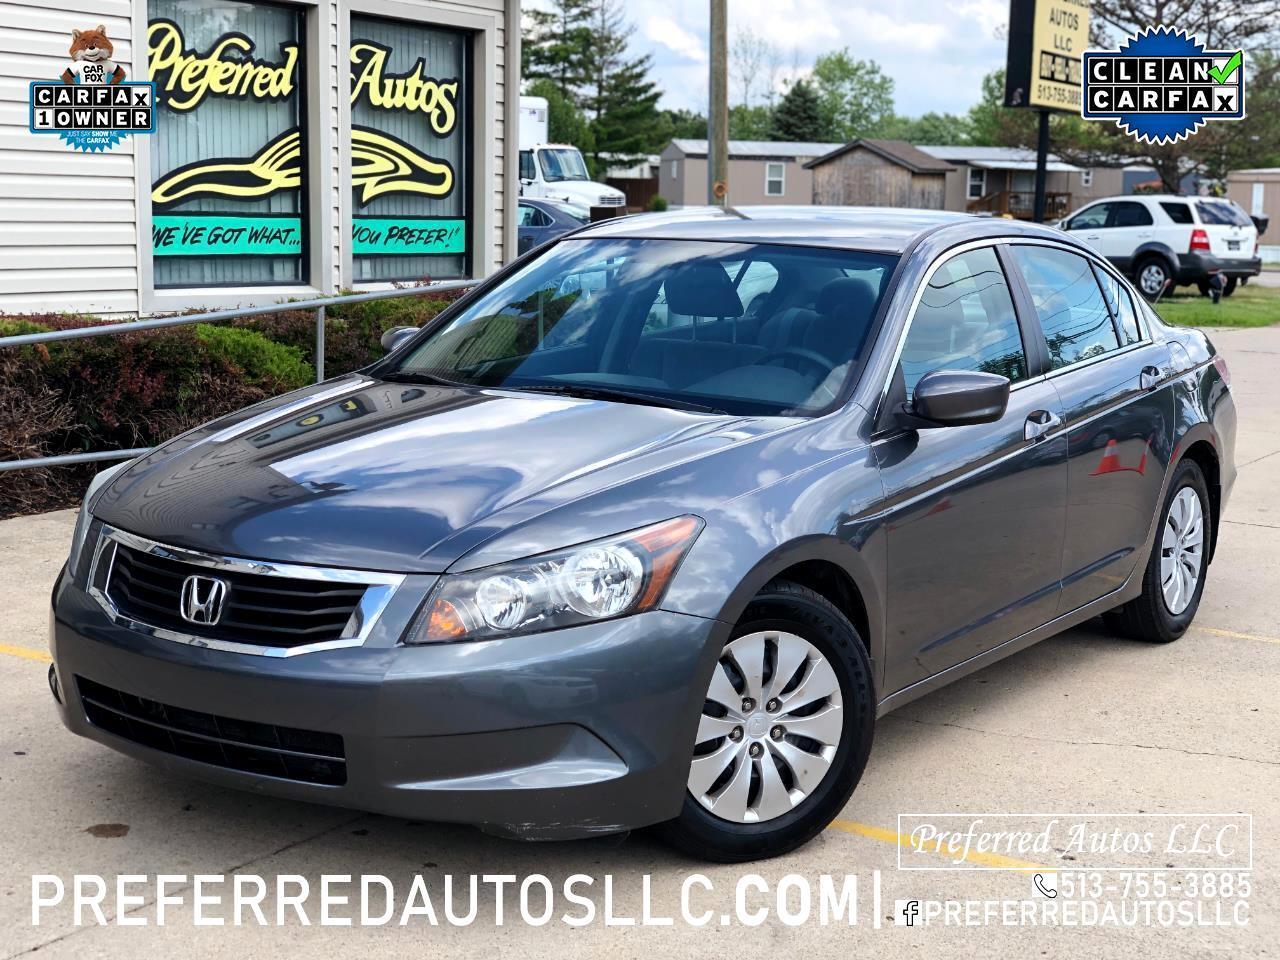 2010 Honda Accord Sdn LX AT